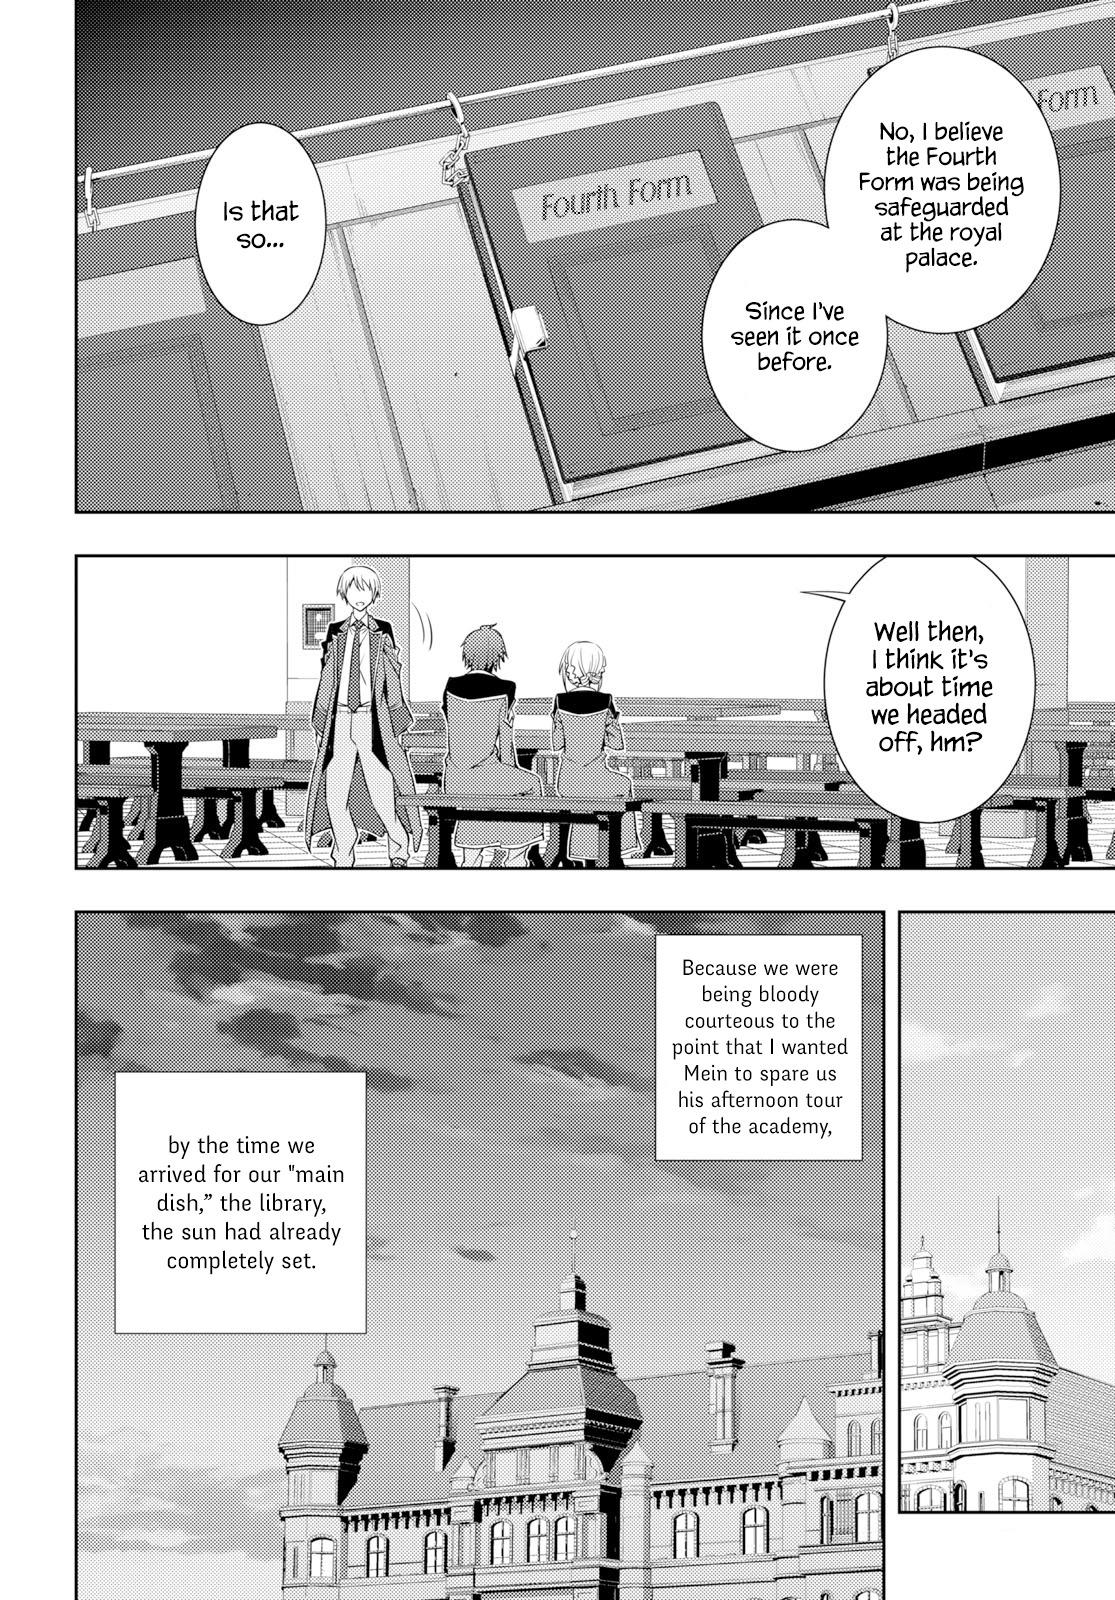 Moto Sekai Ichi'i Subchara Ikusei Nikki: Hai Player, Isekai wo Kouryakuchuu! - chapter 7-eng-li